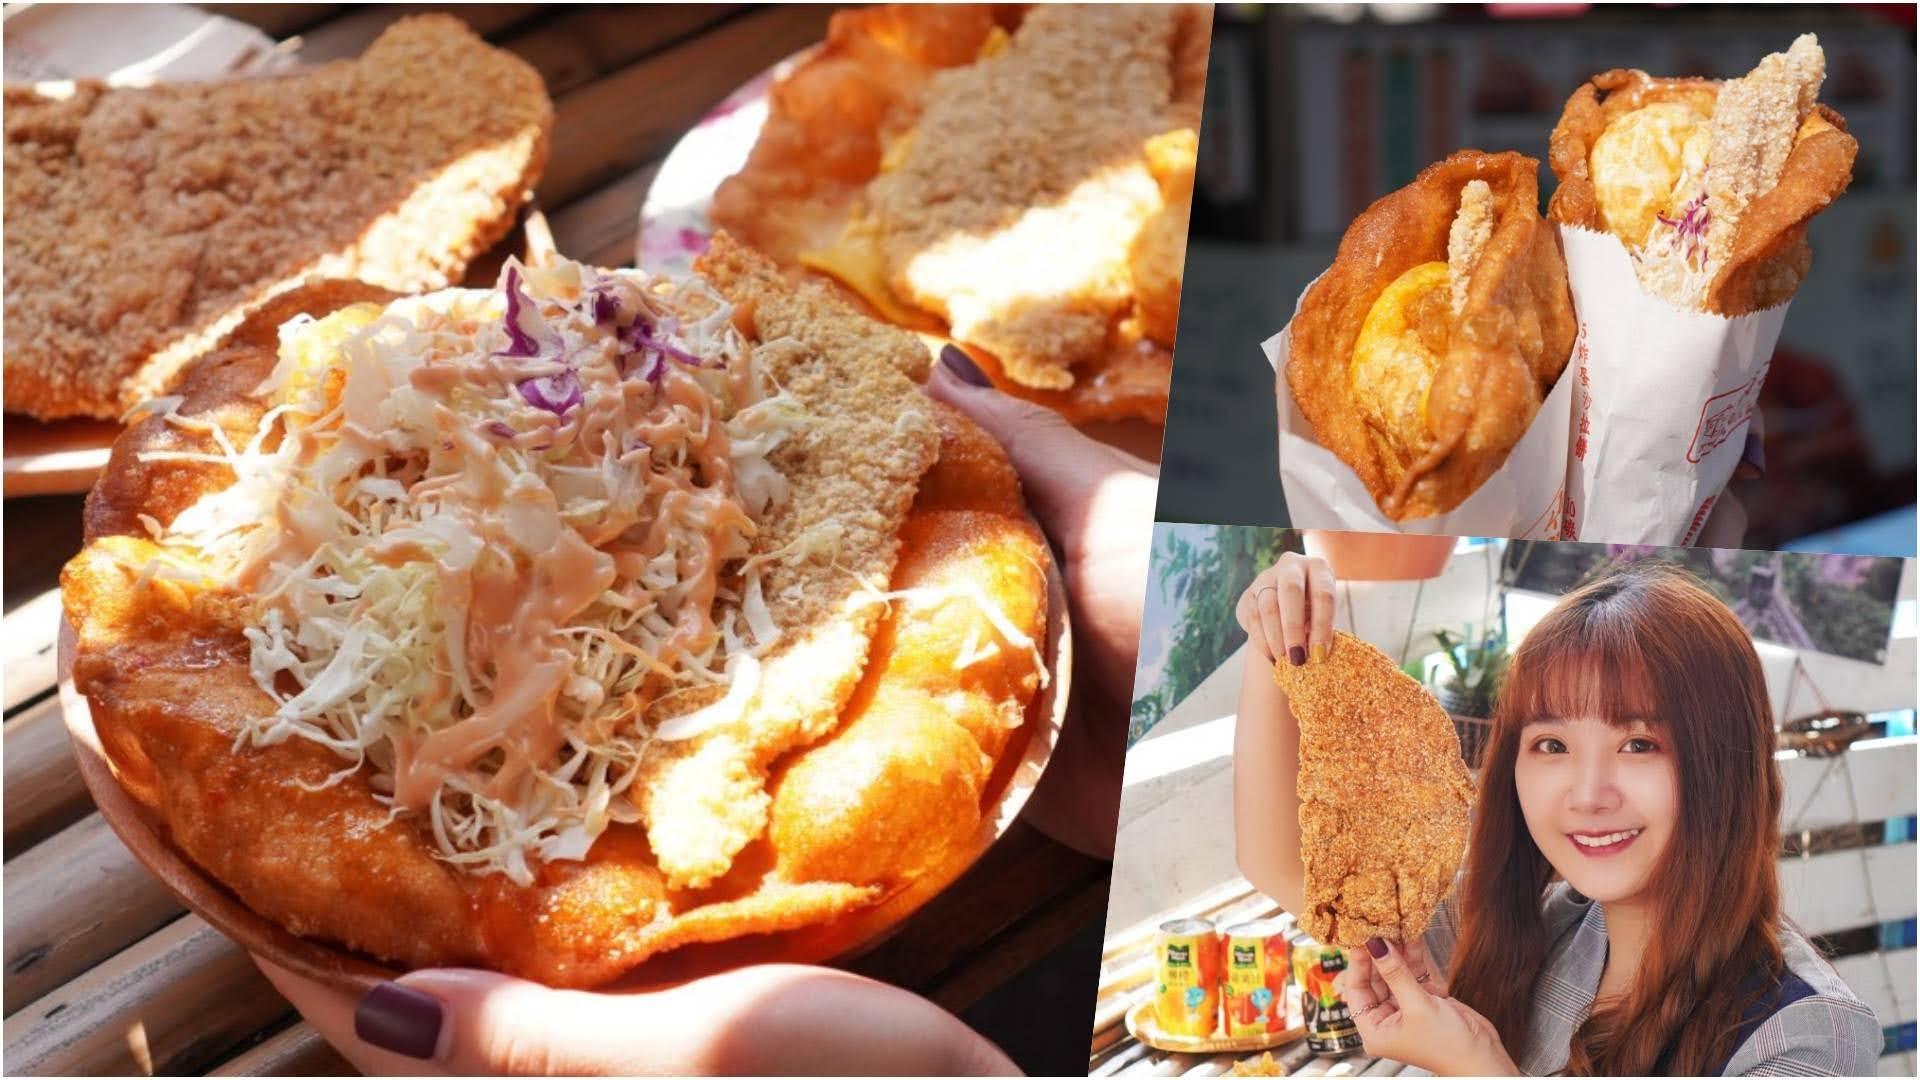 台南永康區美食【竹力亭】台南最浮誇爆餡蔥油餅,嘴巴太小可是吃不了的哦!超大份量蔥油餅、比臉大雞排|台南下午茶推薦